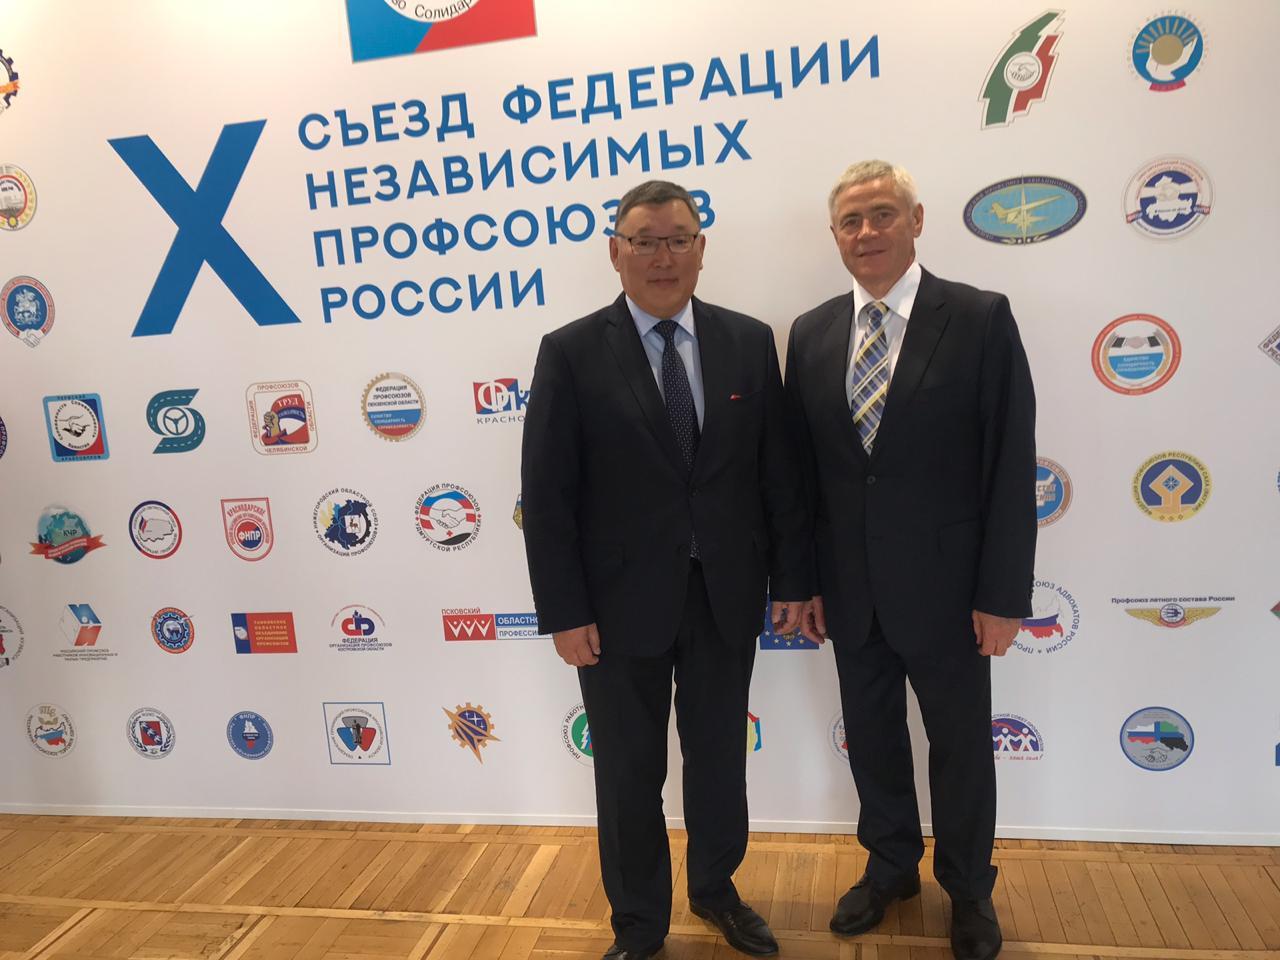 П.А. Рожков, Н.Н. Дегтярев приняли участие в 1 дне работы X Съезда Федерации независимых профсоюзов России